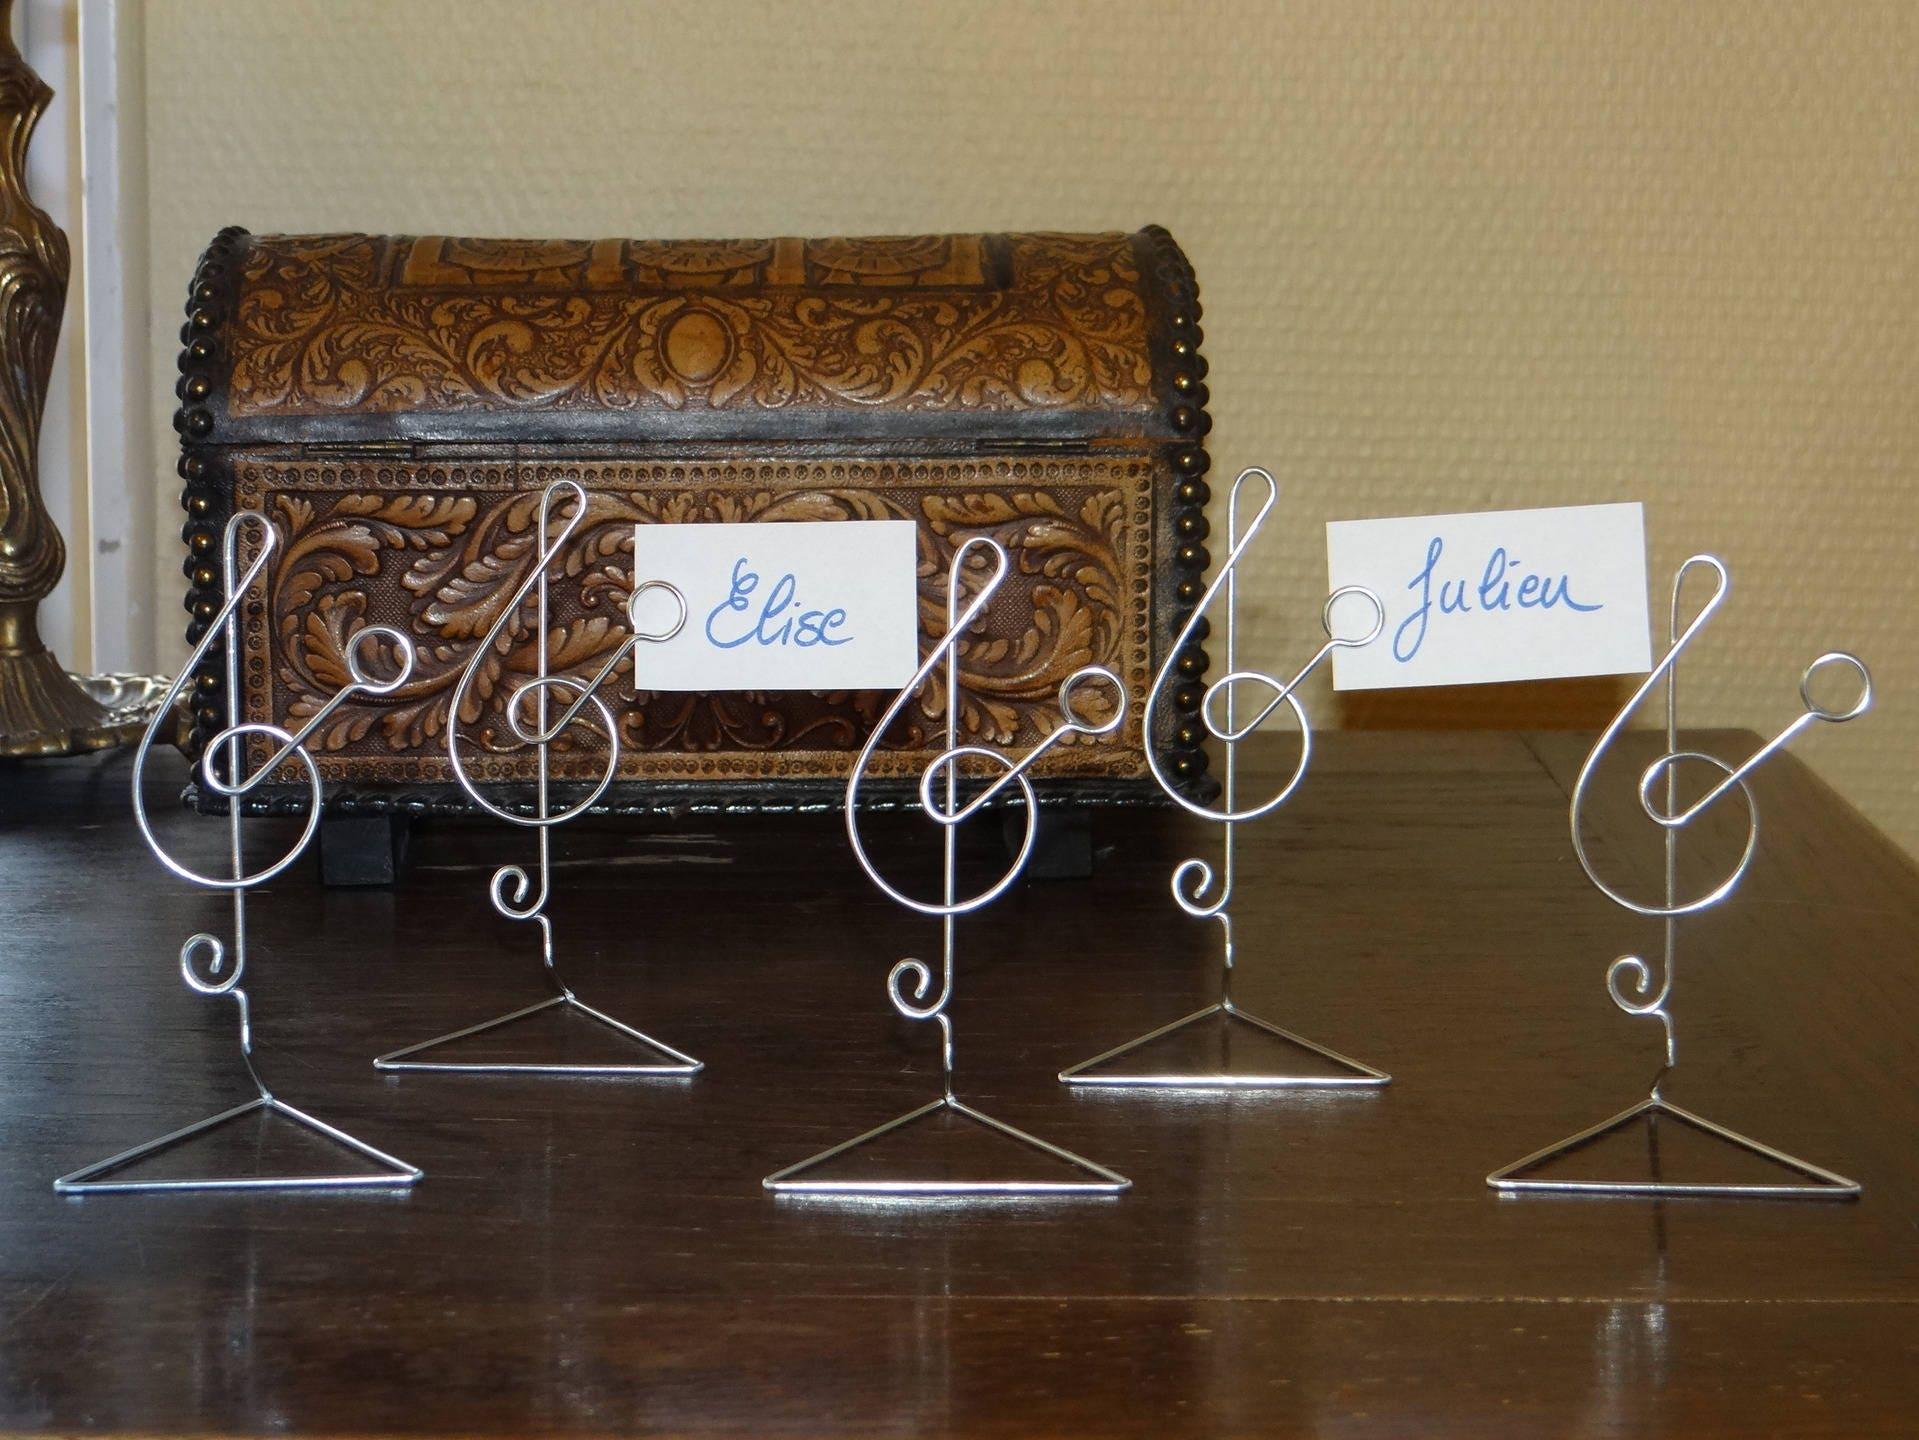 Cl de sol marque place en fil aluminium fait main - Porte nom de table fait main ...